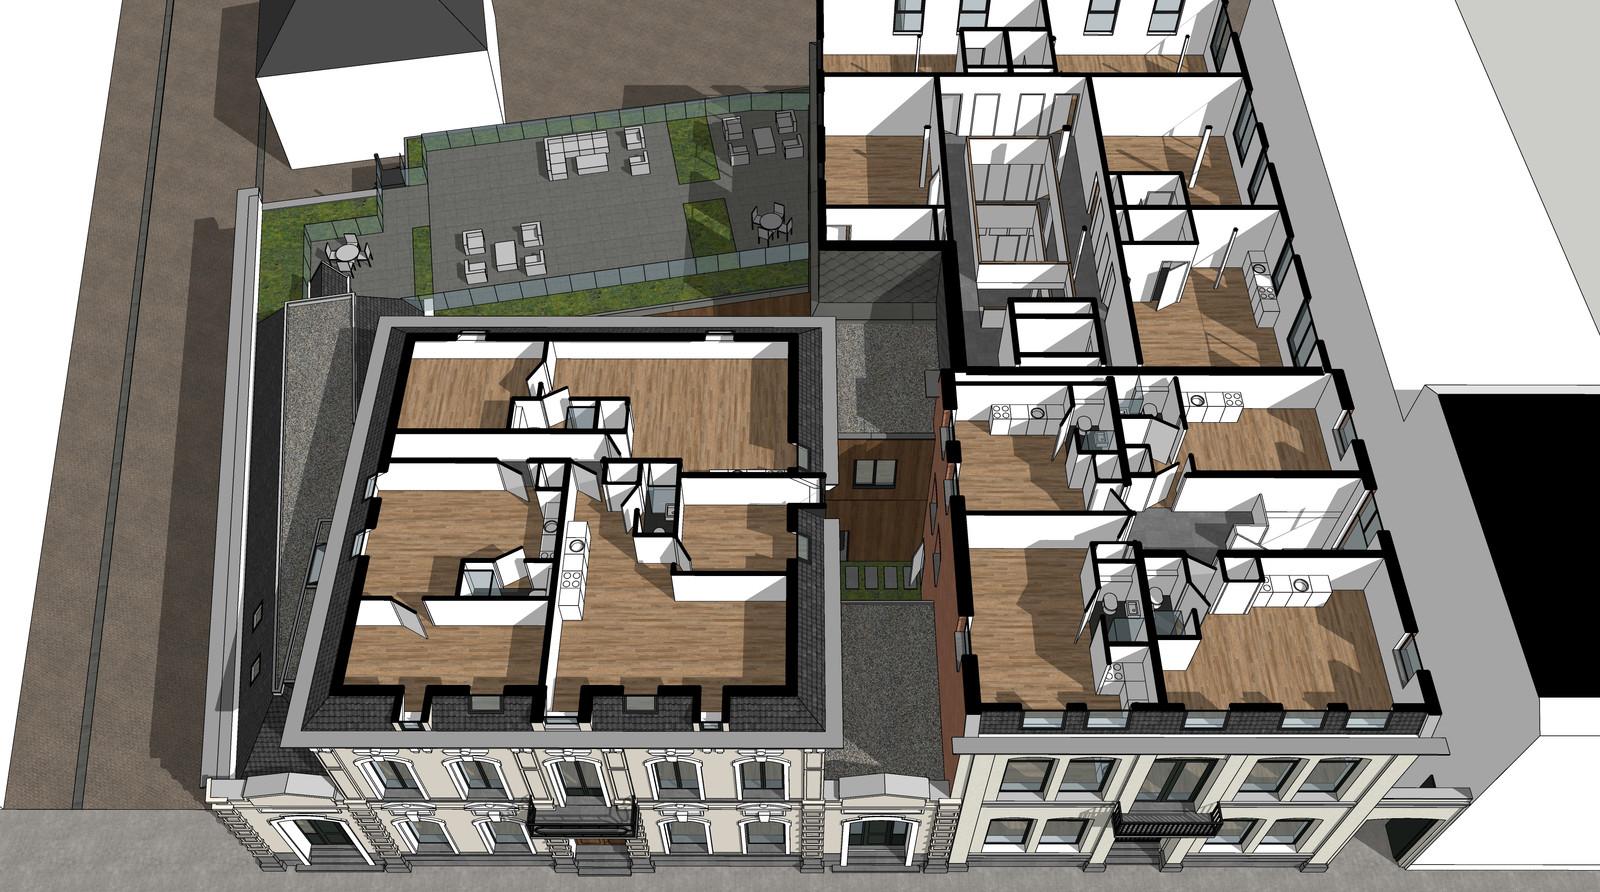 Impressie van de indeling van de bovenste verdieping van appartementencomplex Stationsstraat 17-19.